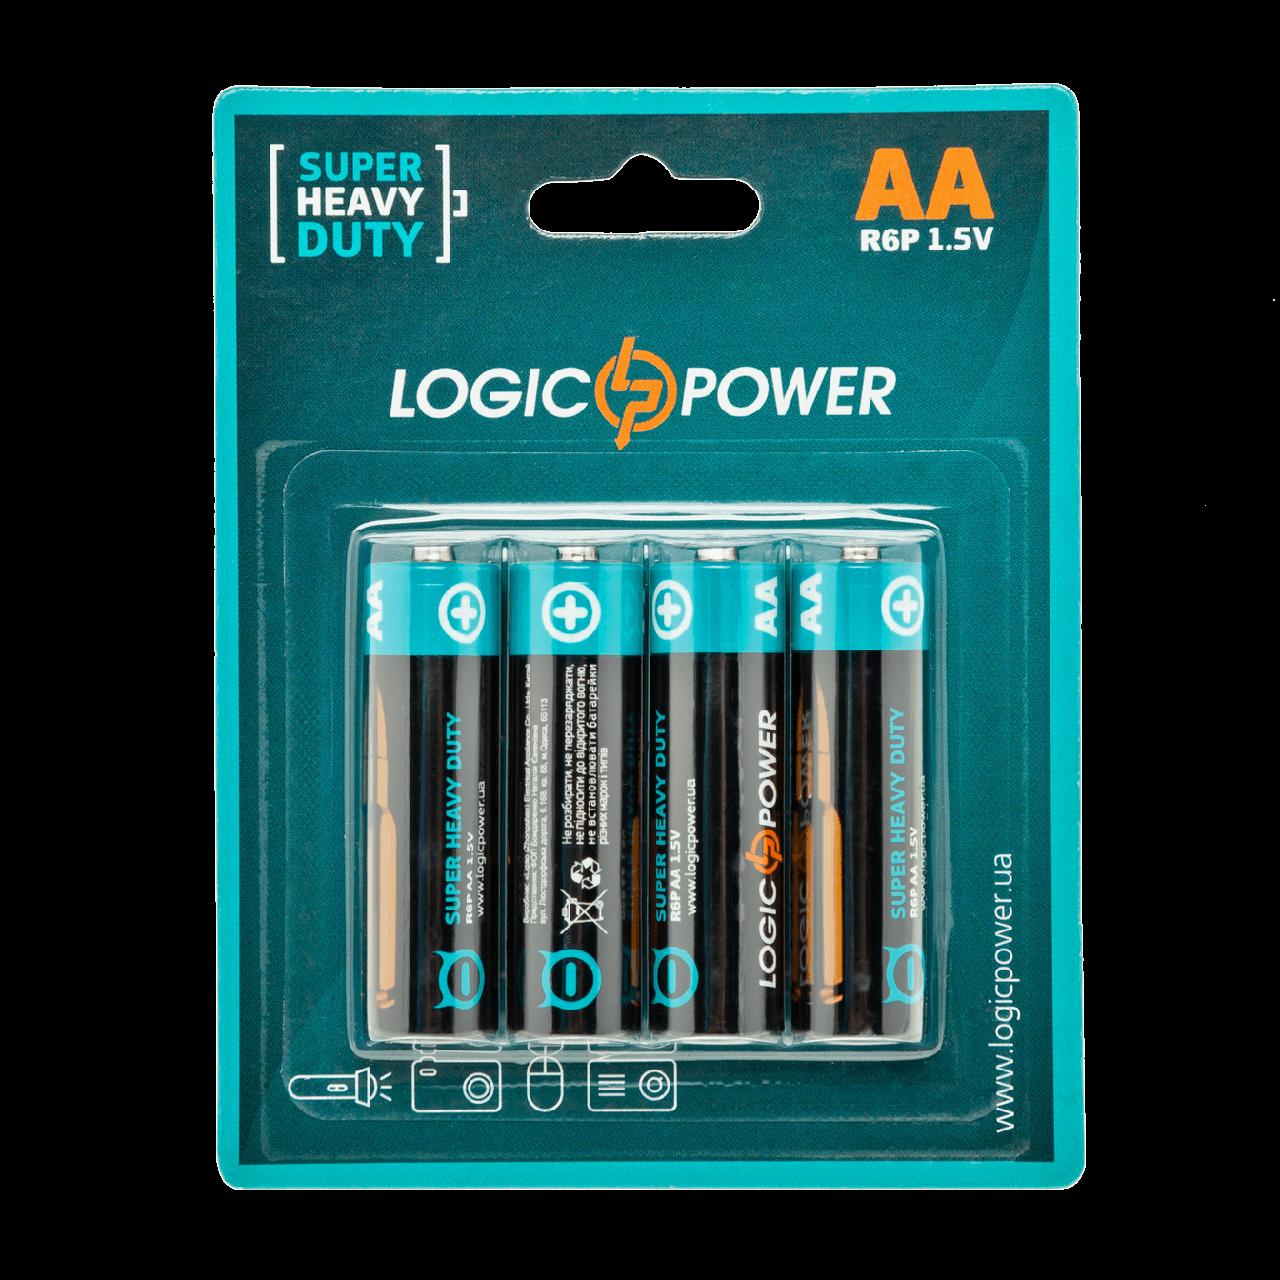 Батарейка LogicPower Super heavy duty AA R6P _ бл 4шт (LP3167)